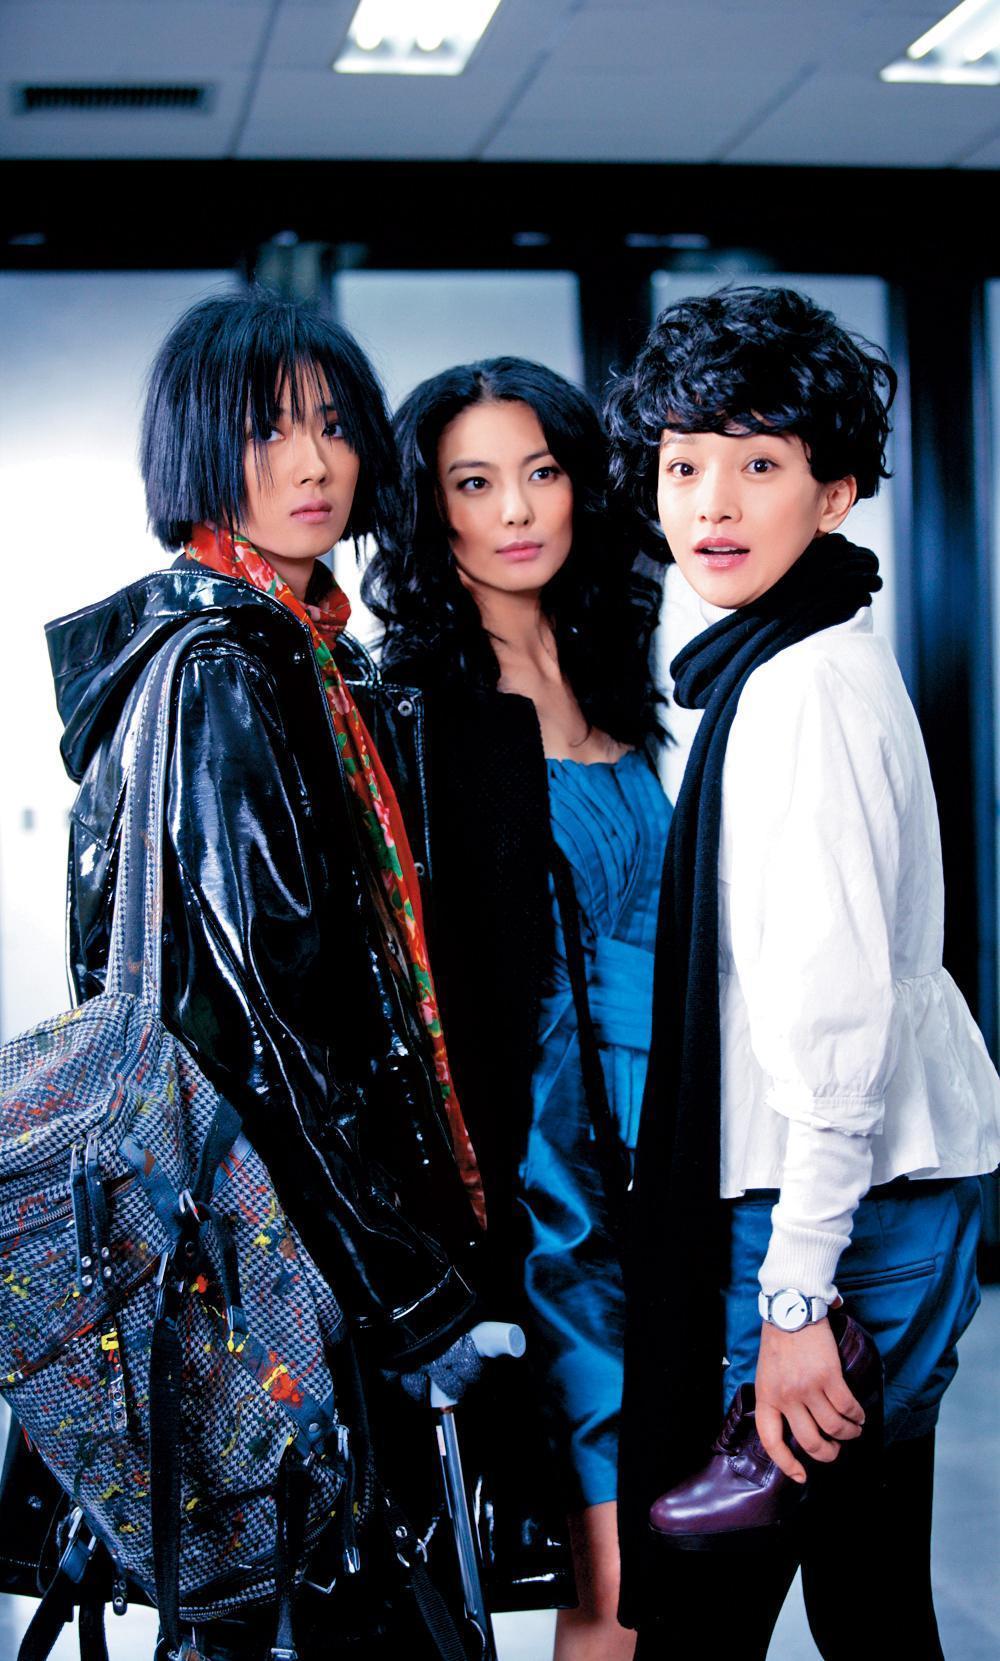 桂綸鎂(左)演出徐克執導的《女人不壞》,與張雨綺(中)、周迅(右),詮釋三位女人在北京的愛情冒險故事。(東方IC)